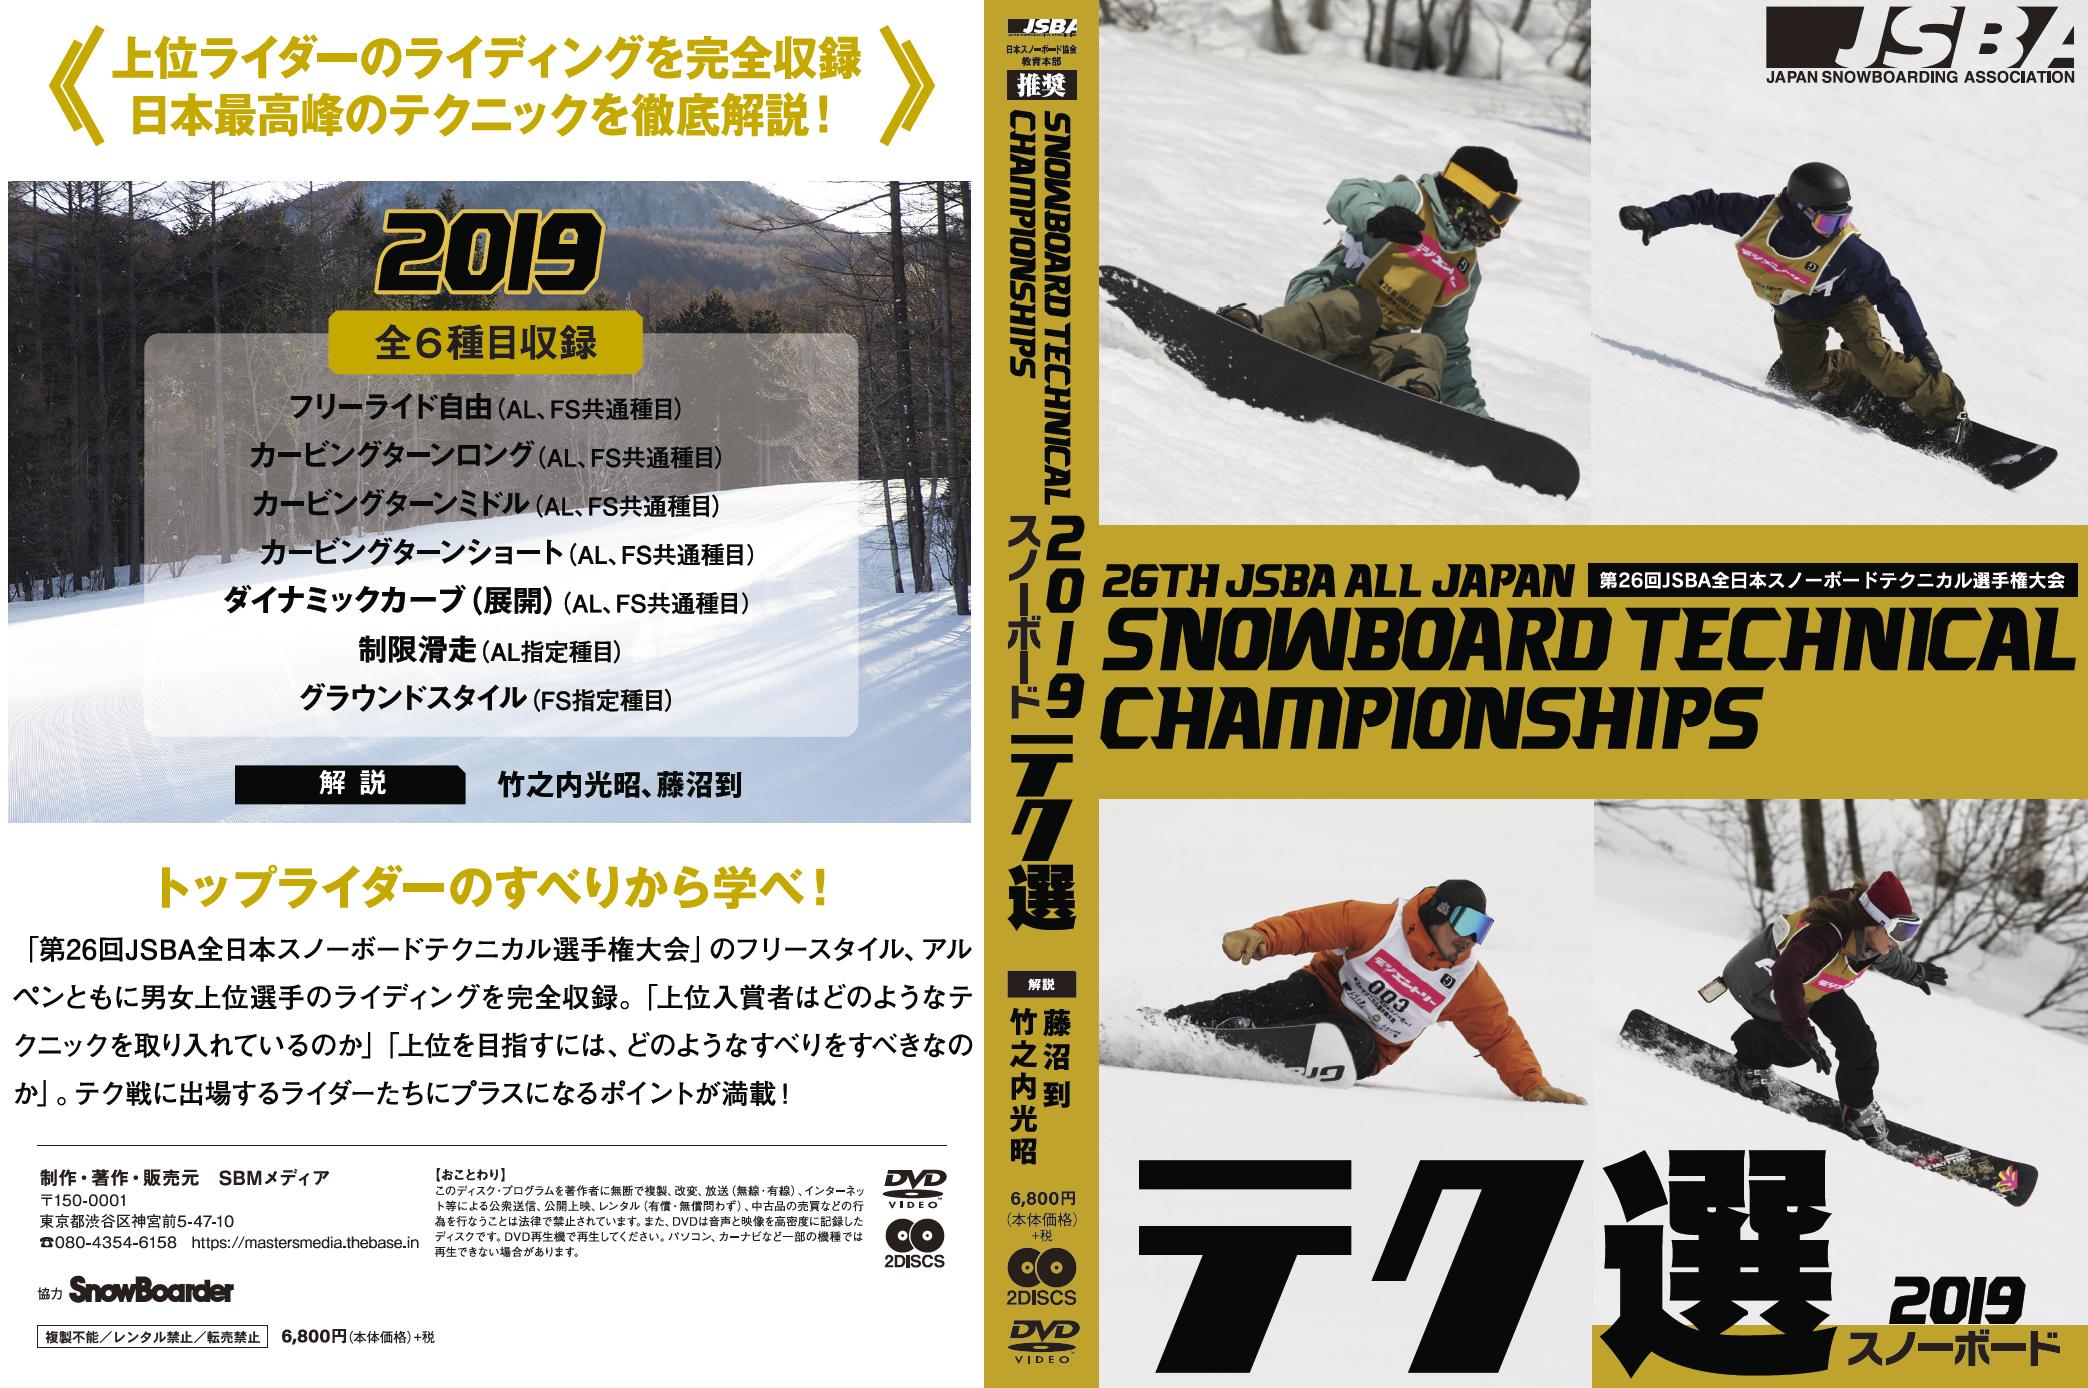 2019 / 第26回 JSBA 全日本スノーボードテクニカル選手権大会 /  2019DVD